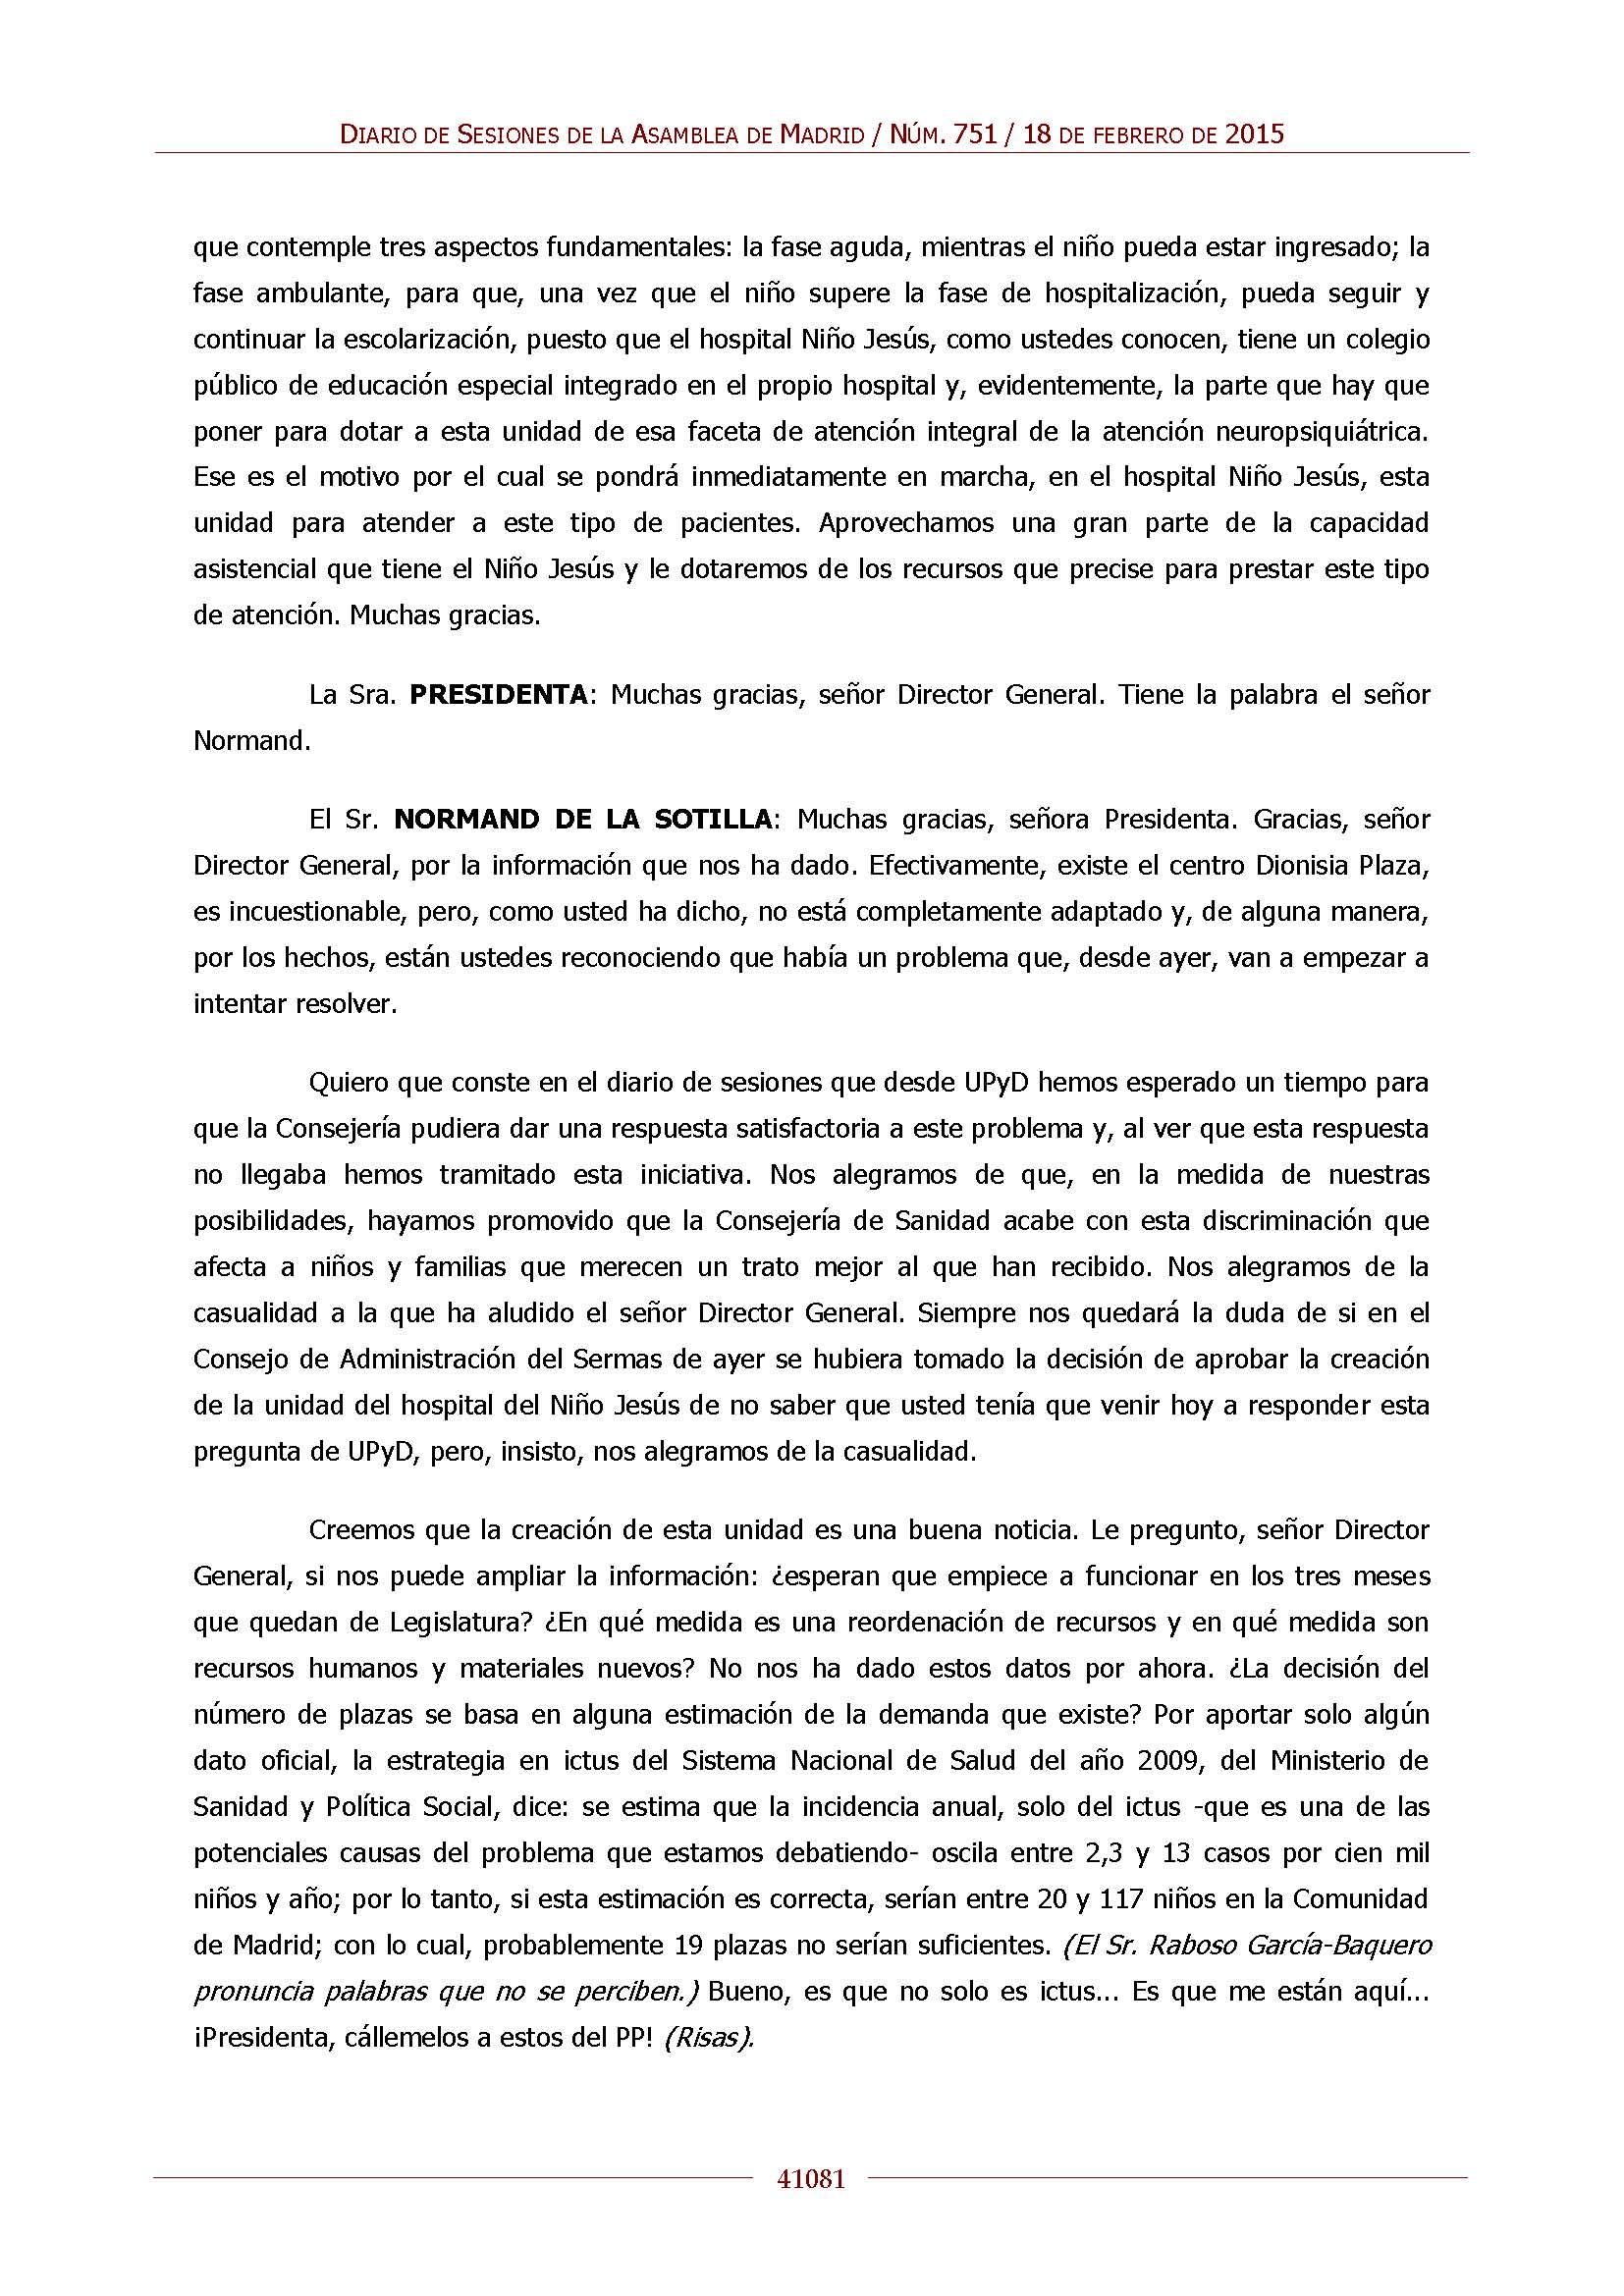 Diario Sesiones pregunta E Normand y respuesta IX-DS-751_Página_21